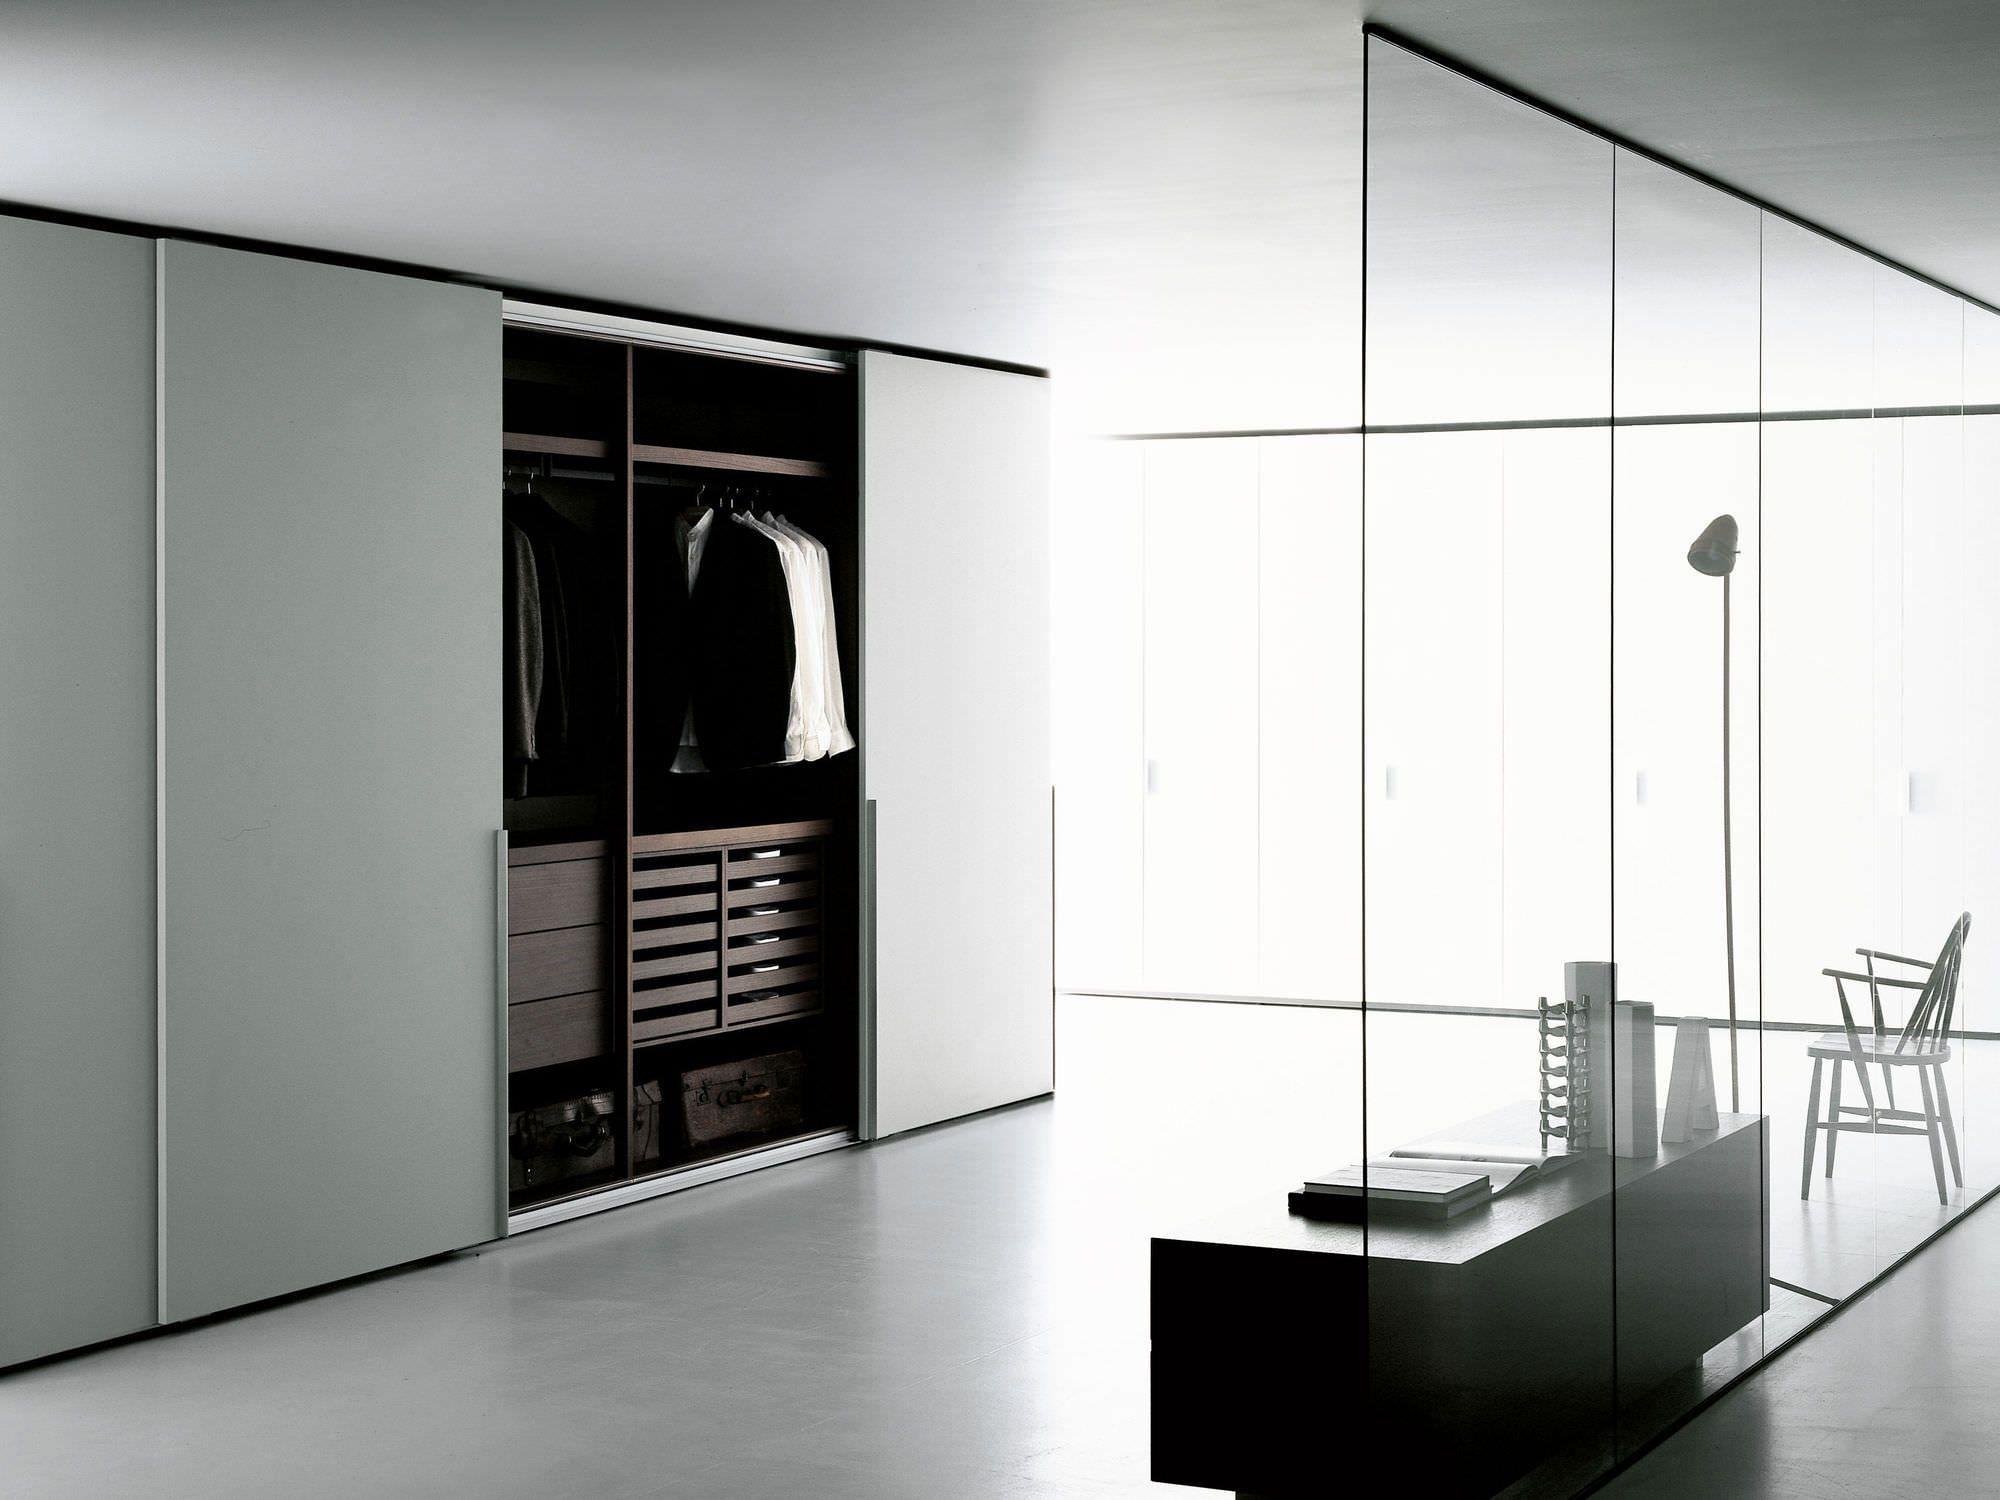 porro scorrevole - #interieurdesign #interieur #wonen #storage #kast ...